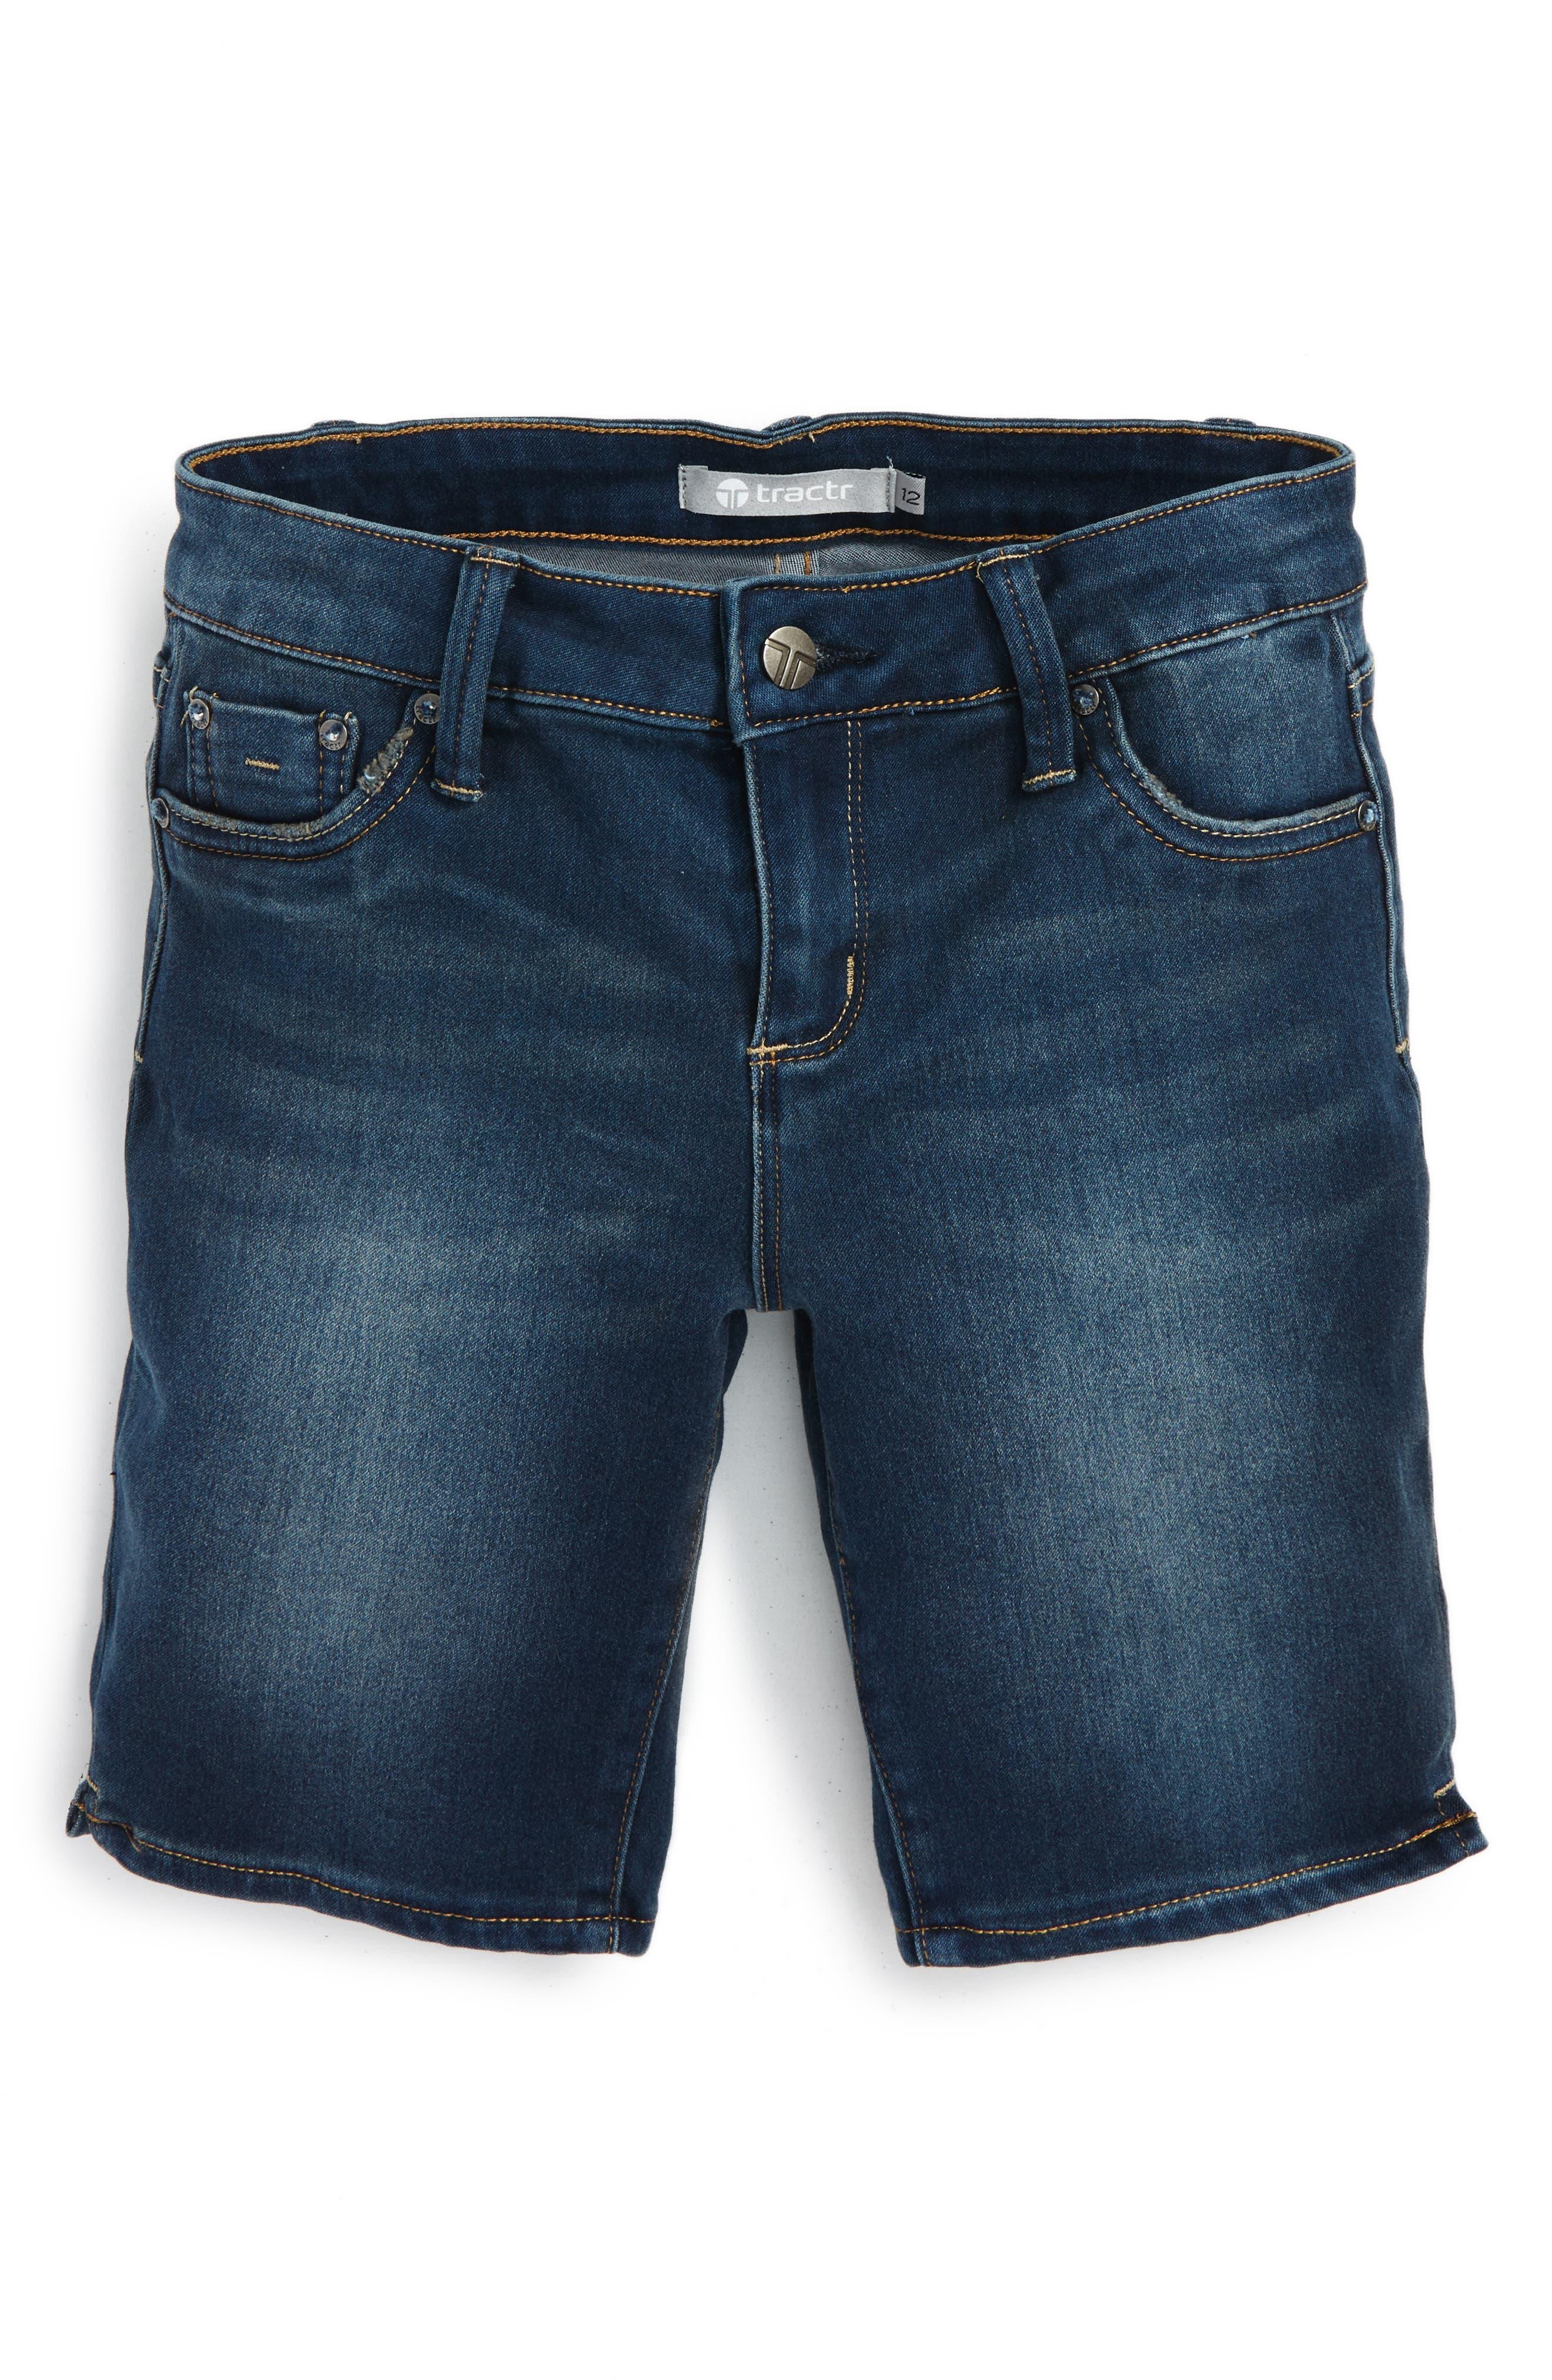 Tractr Bermuda Shorts (Big Girls)